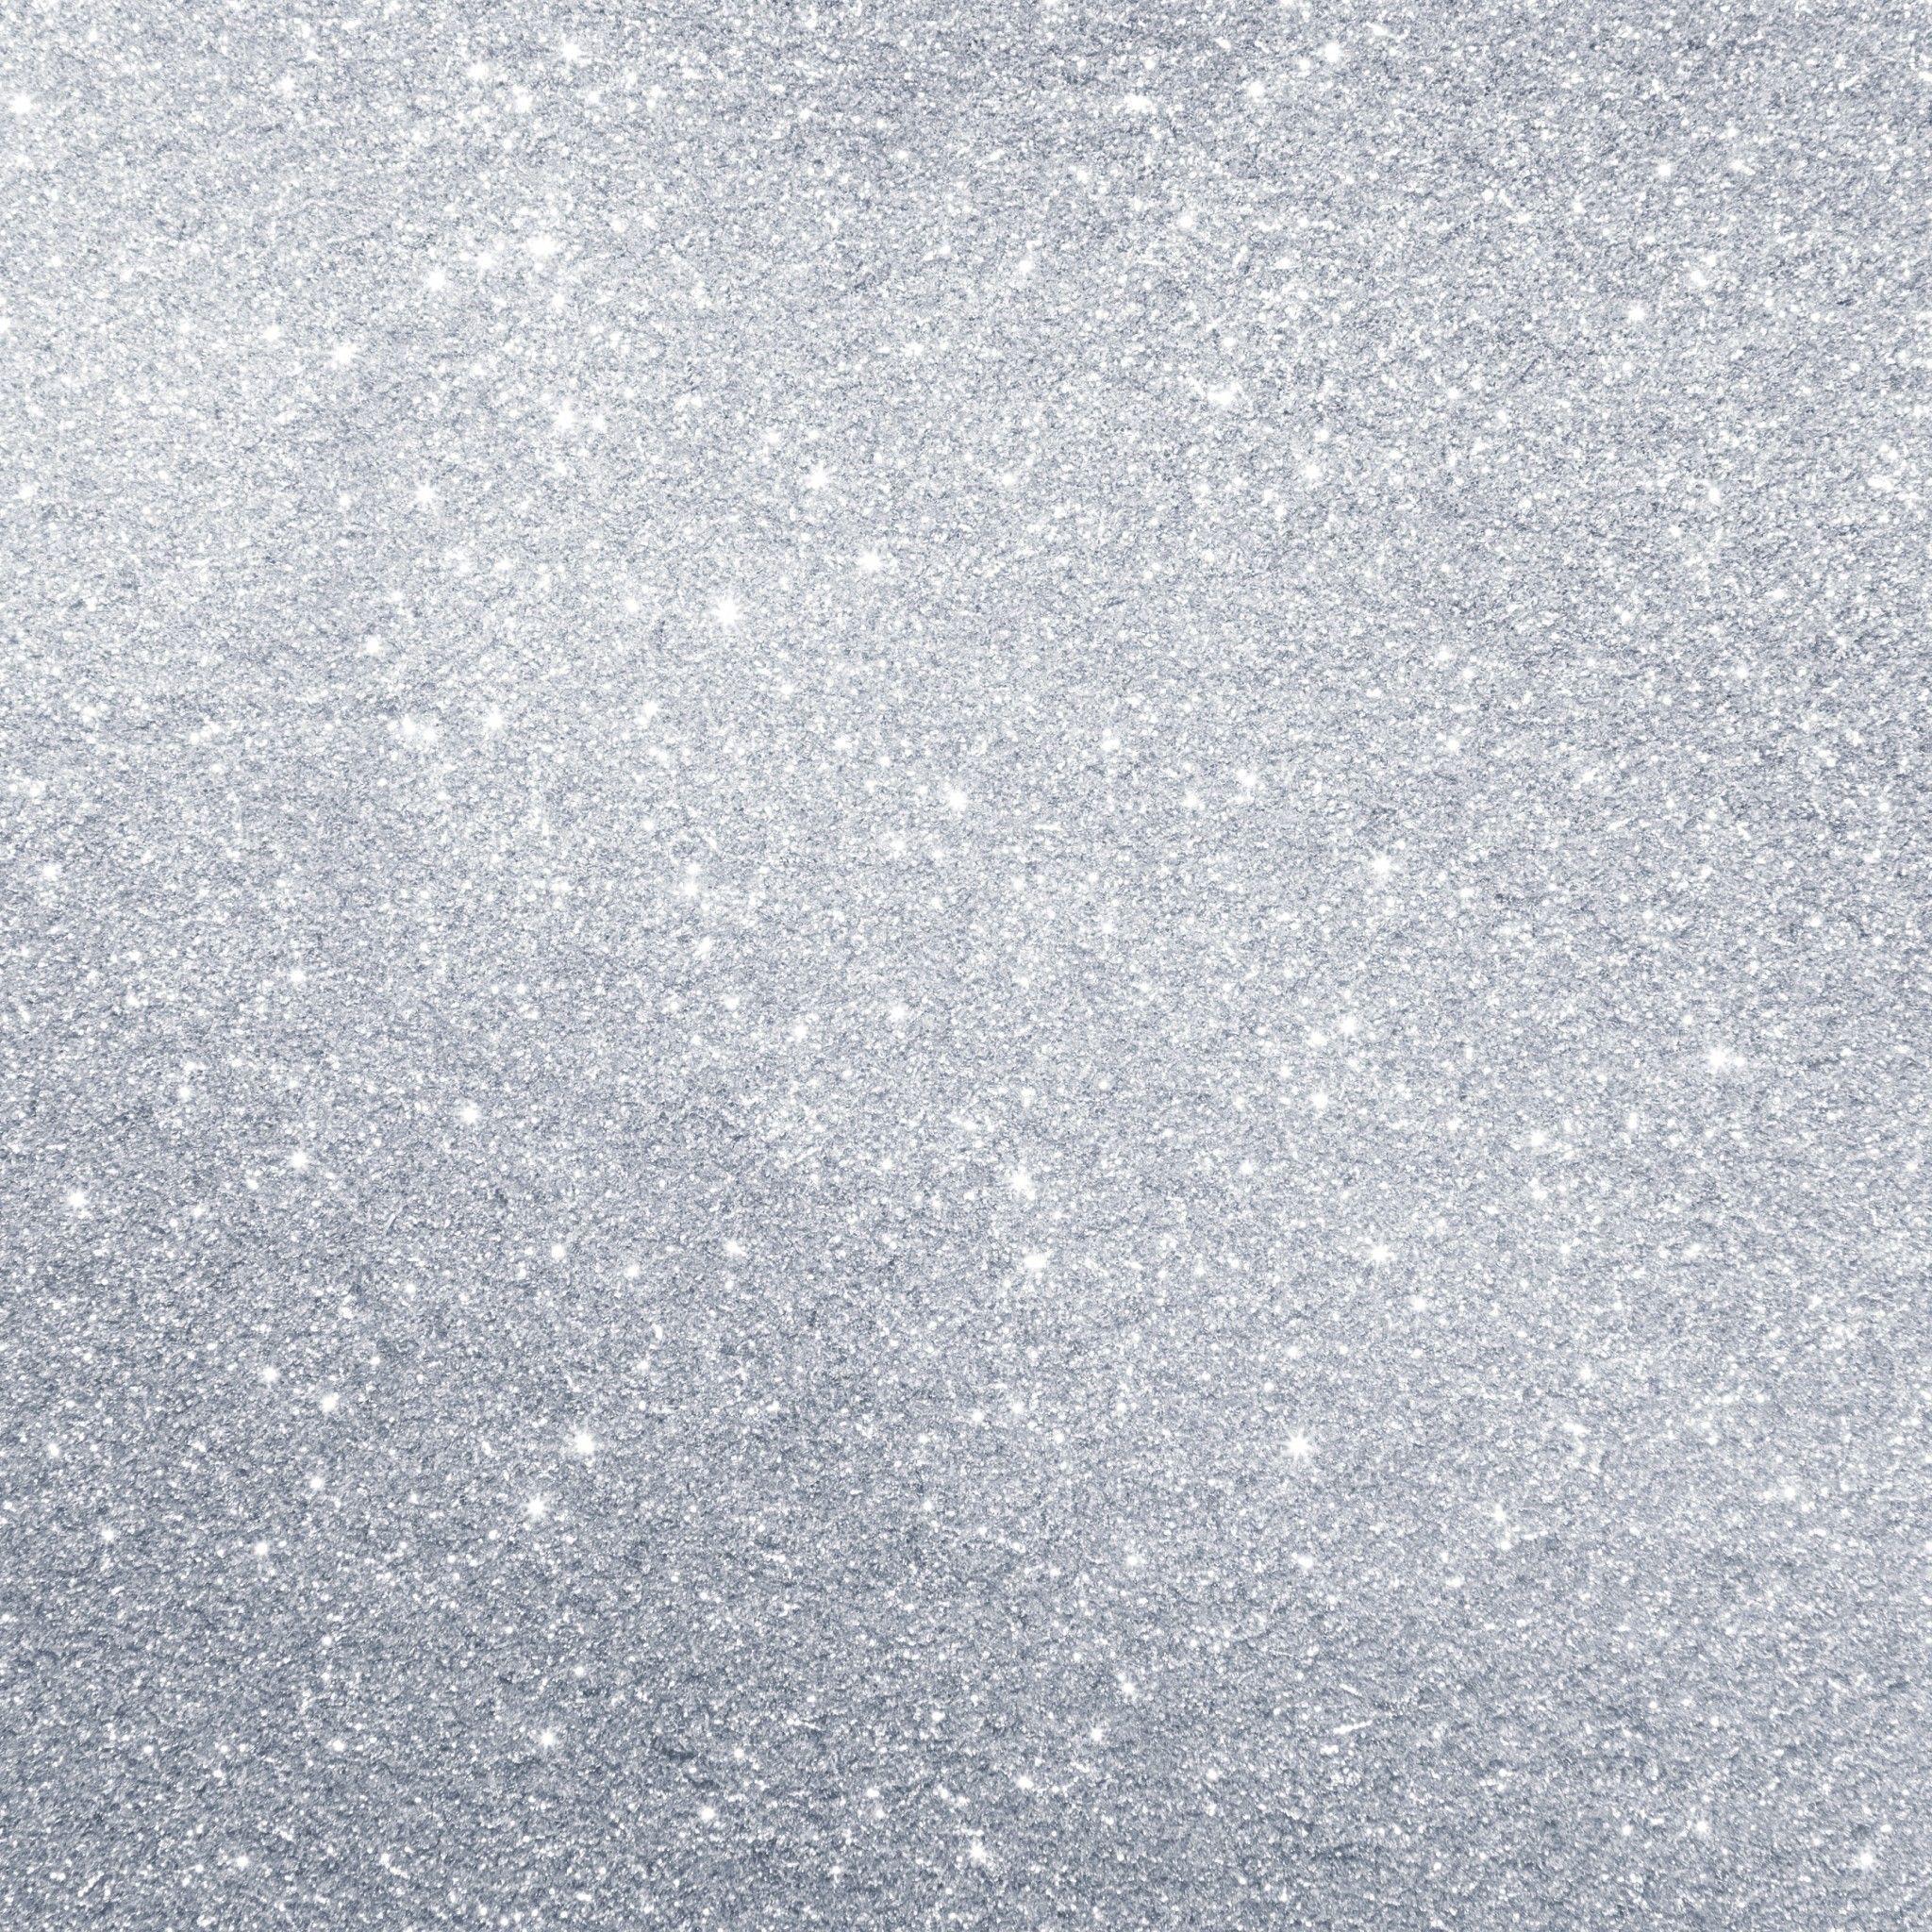 http://cdn.pcwallart.com/images/silver-glitter-wallpaper-4 ...